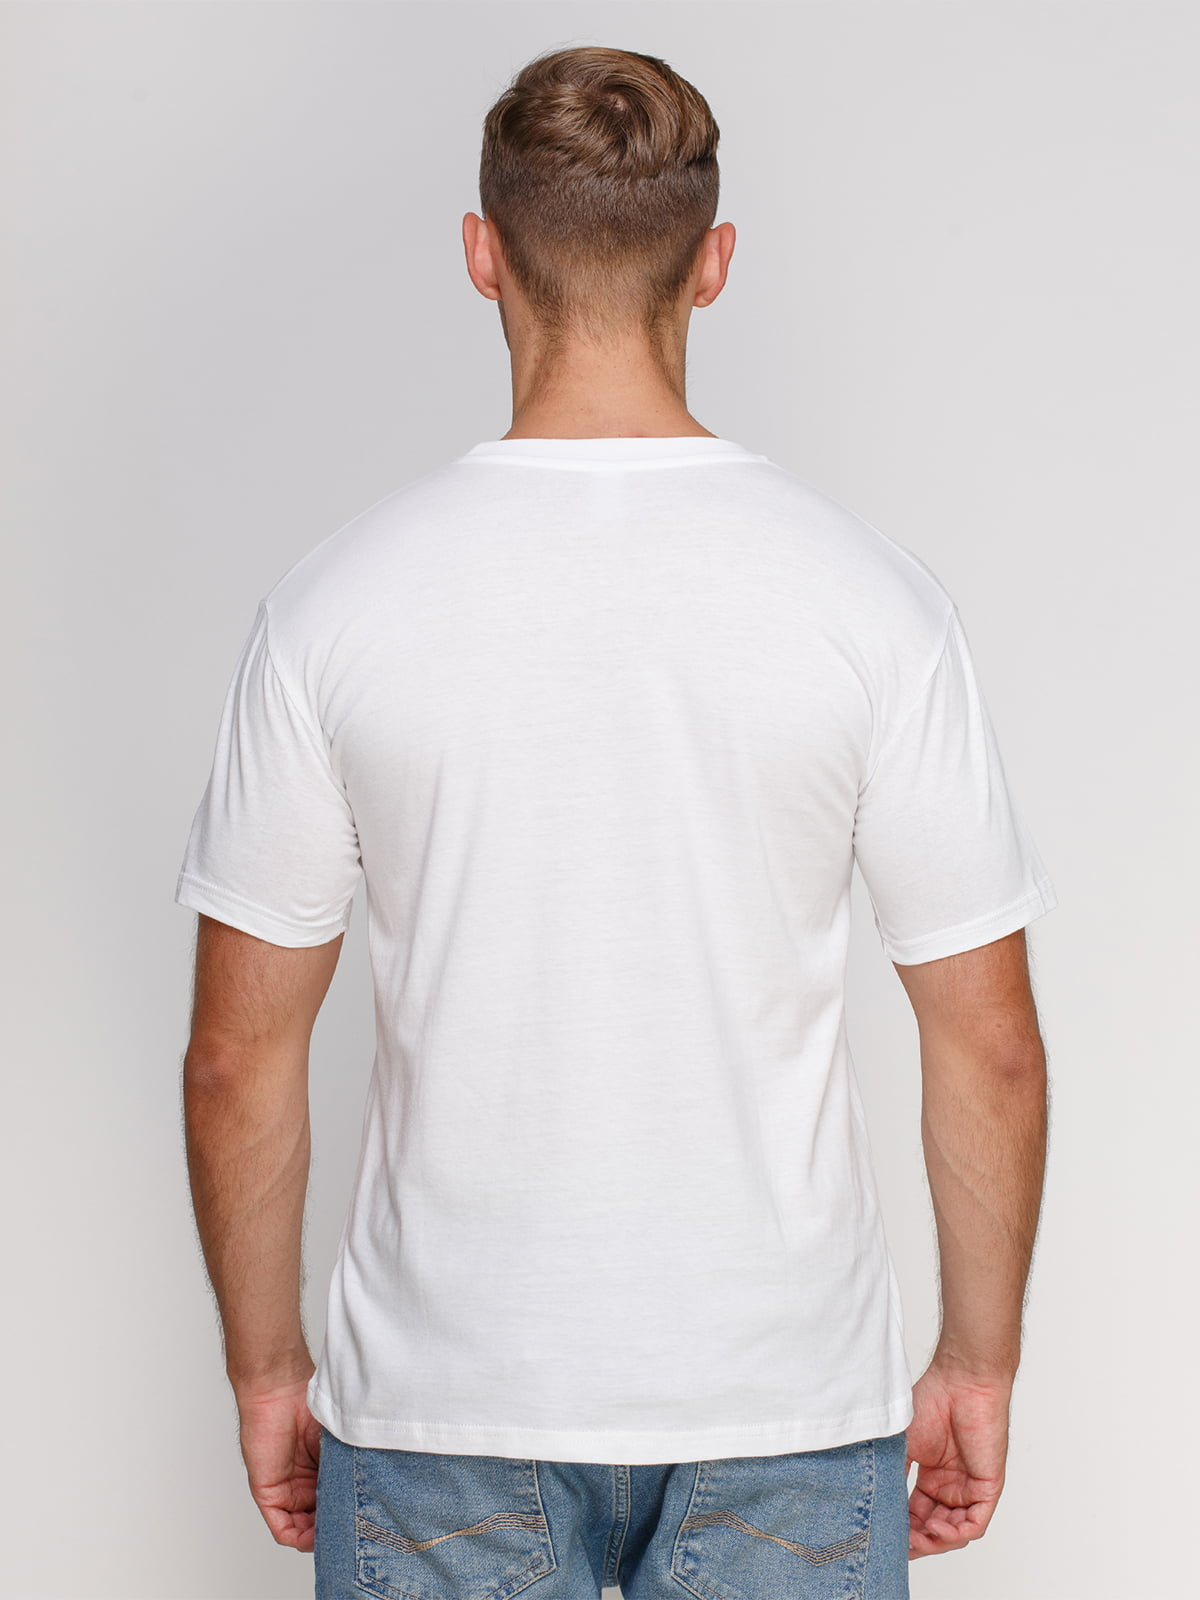 Футболка біла з принтом | 4577851 | фото 2